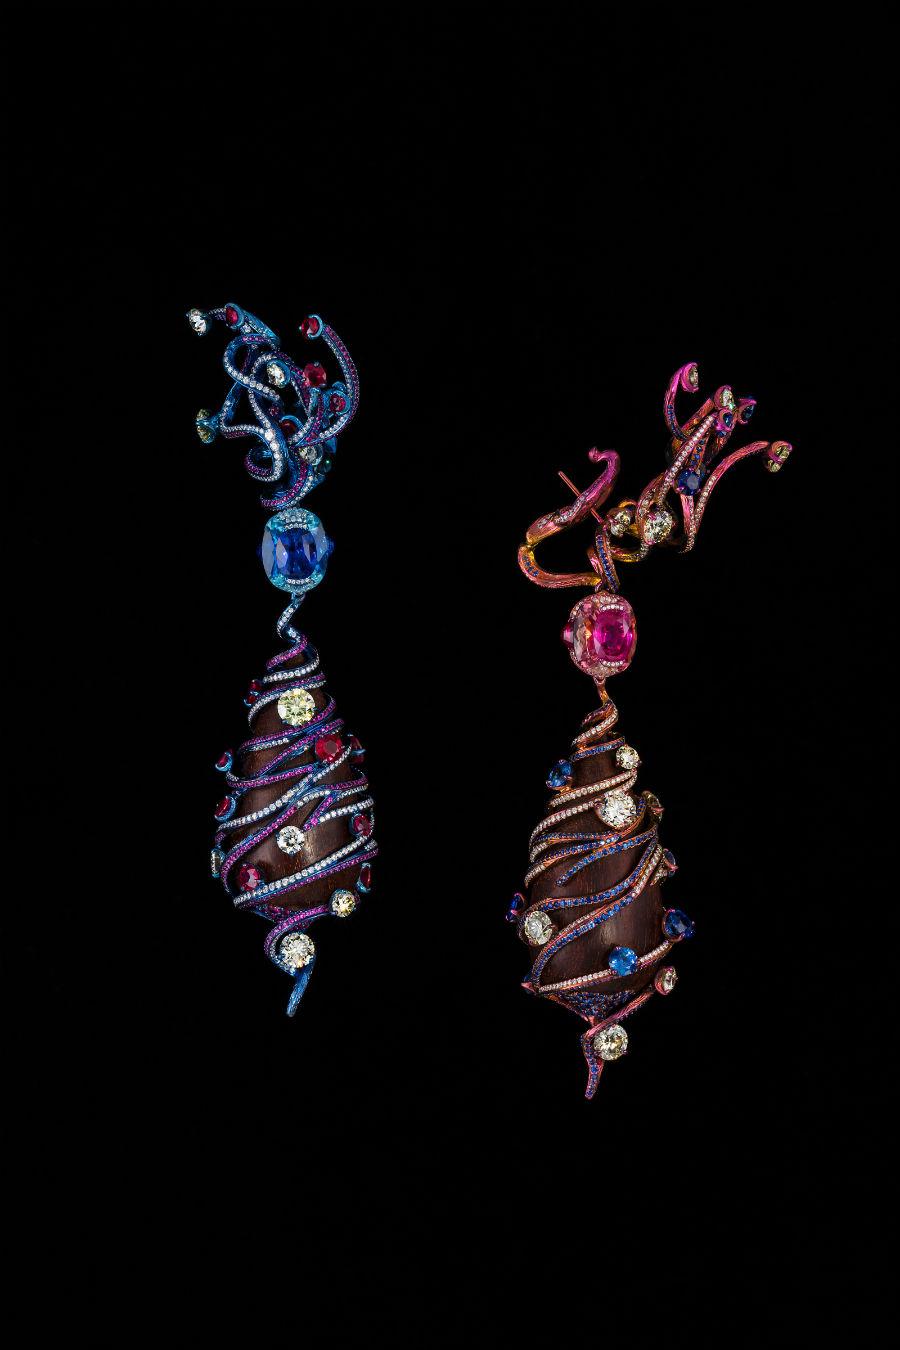 """Wallace Chan - Orecchini """"Intertwining Love"""" – Titanio, legno di rosa (2 pezzi per un totale di 144.29 cts), un rubino forma ovale 3.11 cts, uno zaffiro forma ovale (3.03 cts), zaffiro, rubino, acquamarina, tormalina rosa, diamante giallo, diamante."""